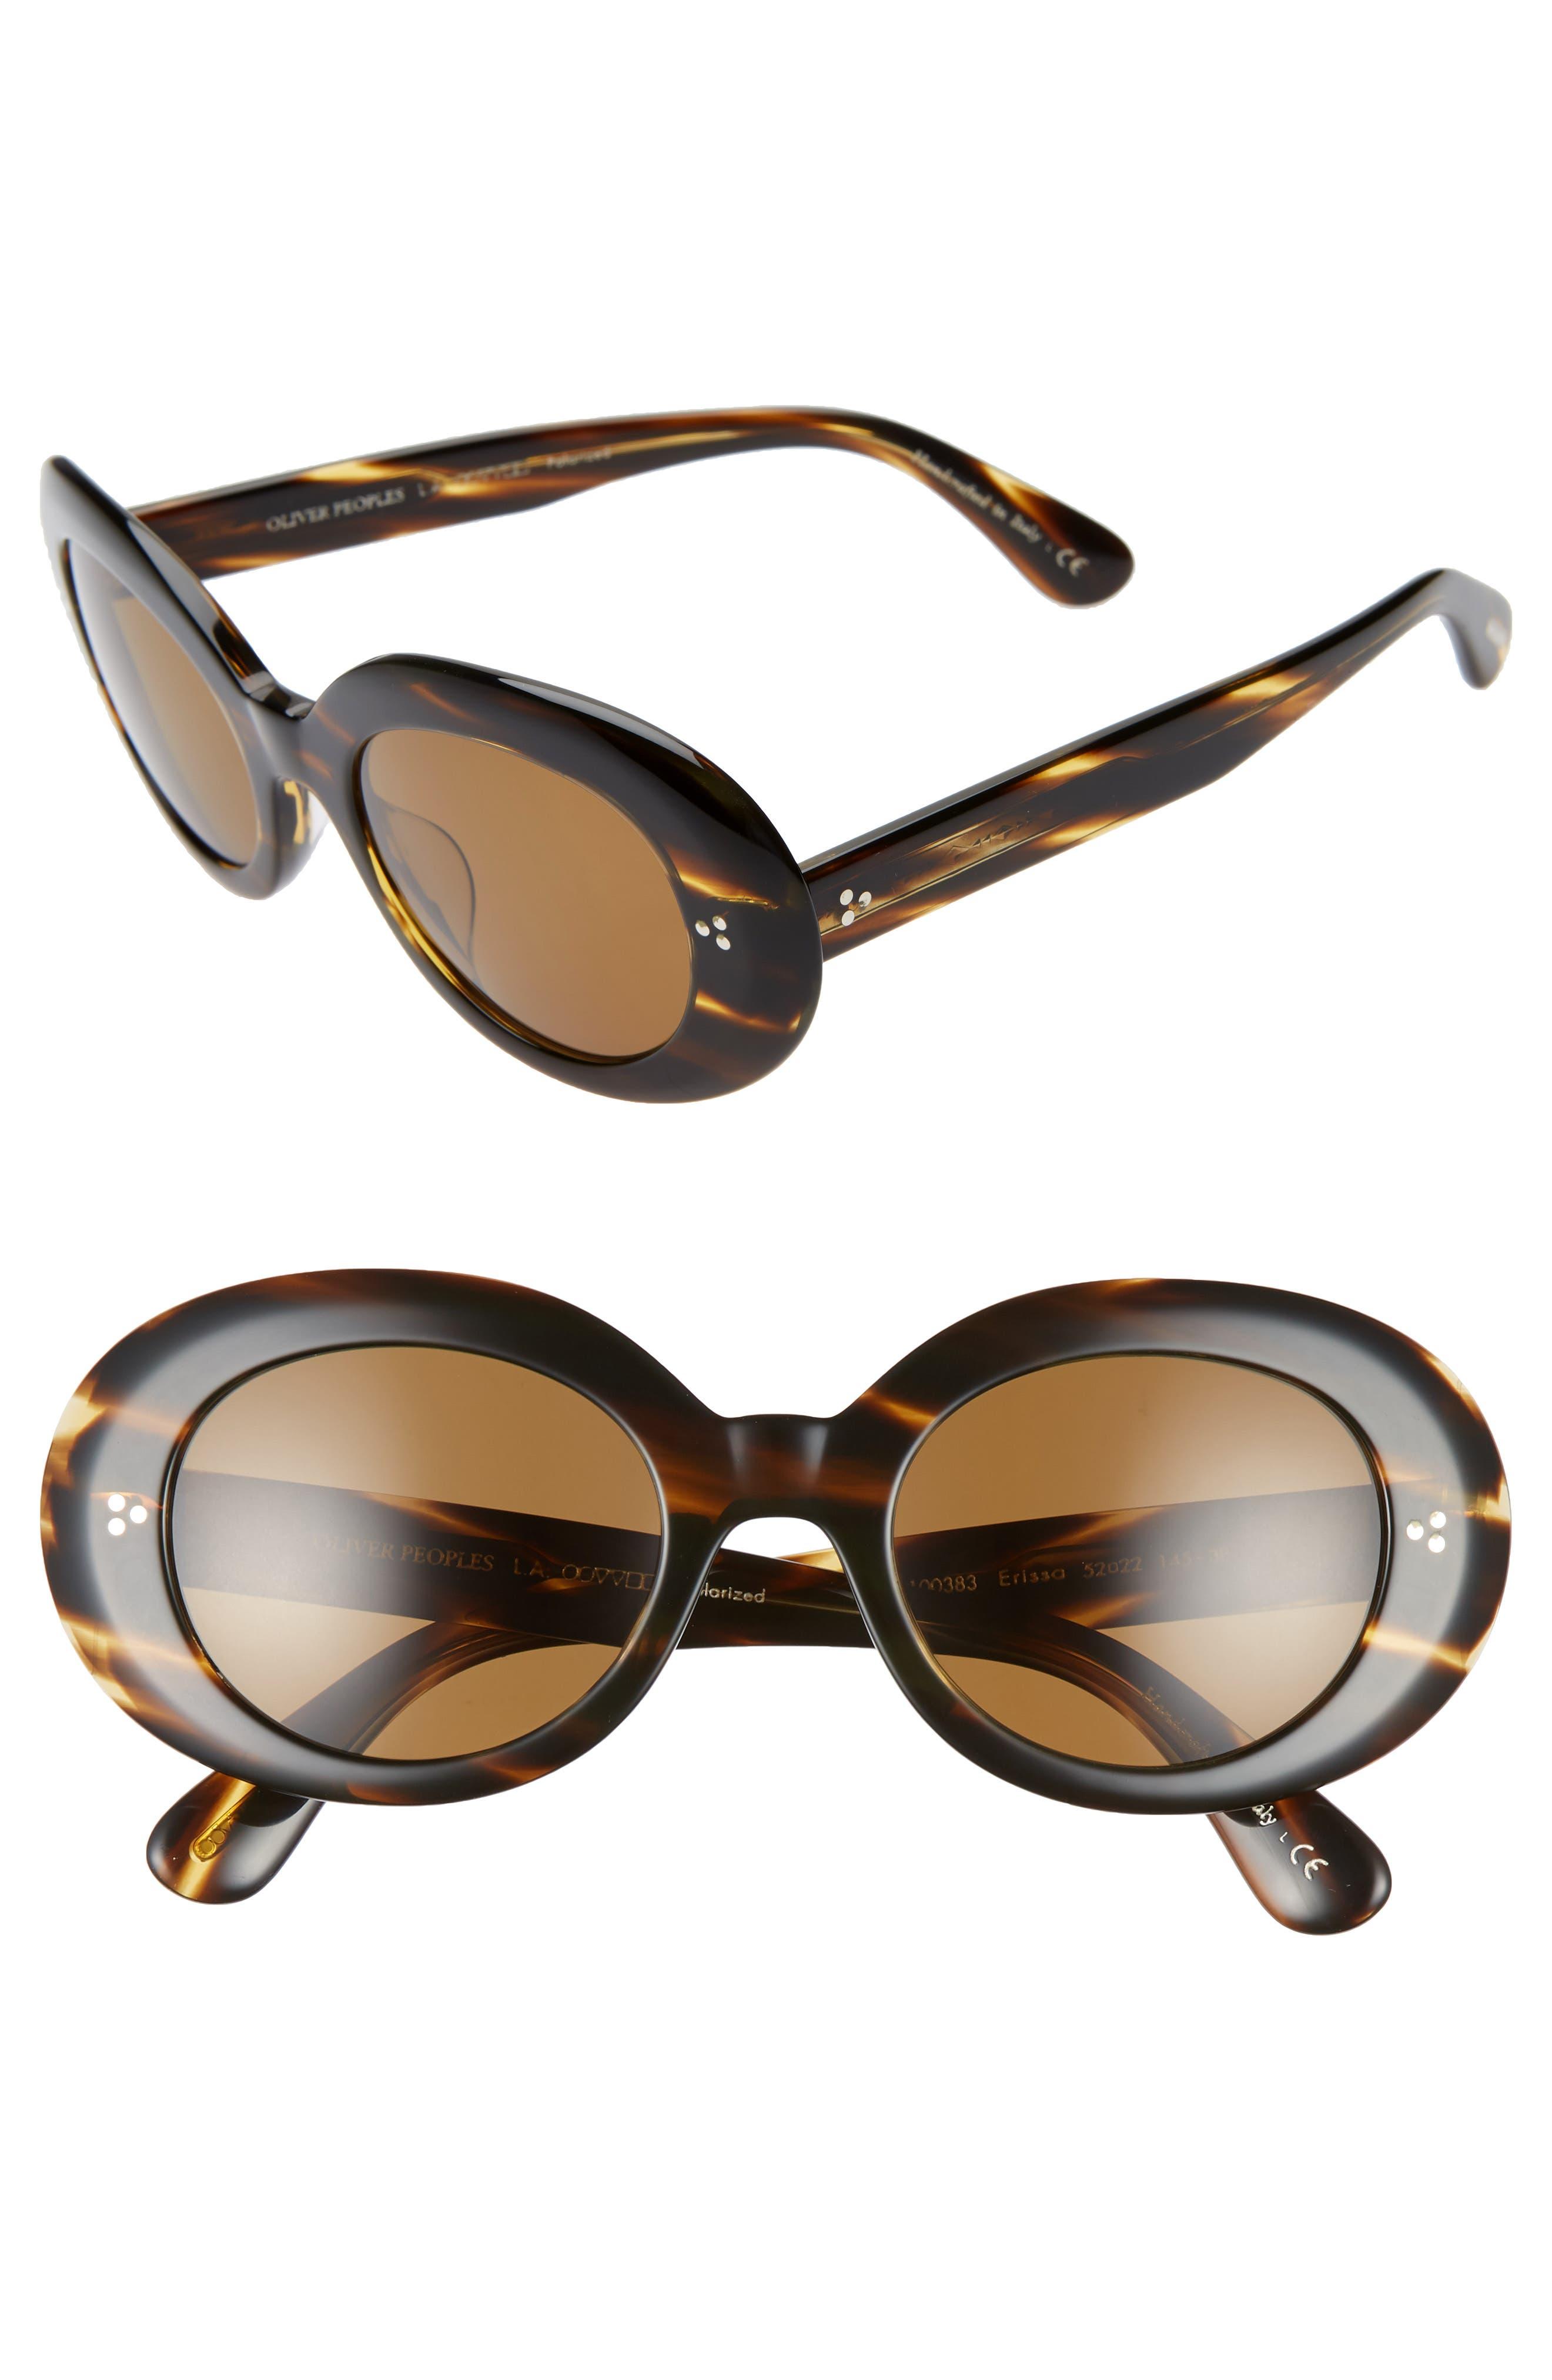 Oliver Peoples Erissa 52Mm Round Sunglasses - Havana/ Dark Brown